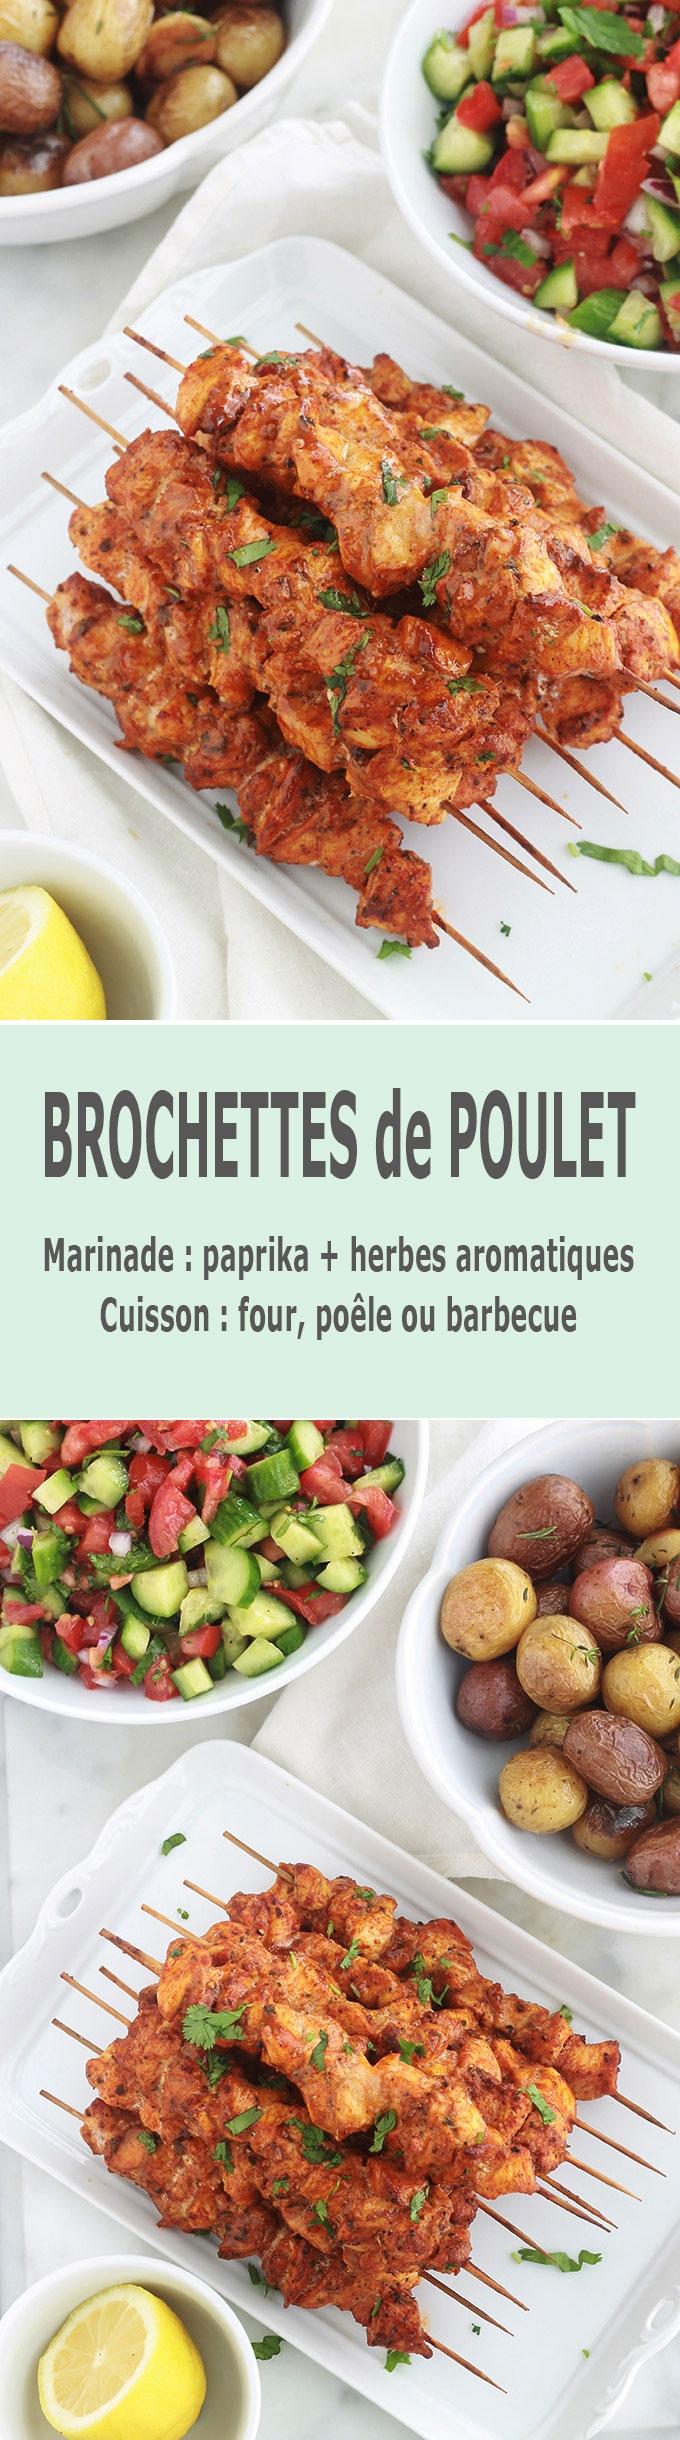 Brochettes de poulet au paprika et aux herbes cuites au four, poêle ou barbecue. C'est une recette très facile et rapide (en dehors du temps de macération). La marinade est composée de paprika, cumin, coriandre, herbes de Provence, poivre et huile d'olive. Idées d\'accompagnement : du riz et une salade ou dans un sandwich pita avec des crudités et une sauce… C'est simple et délicieux.